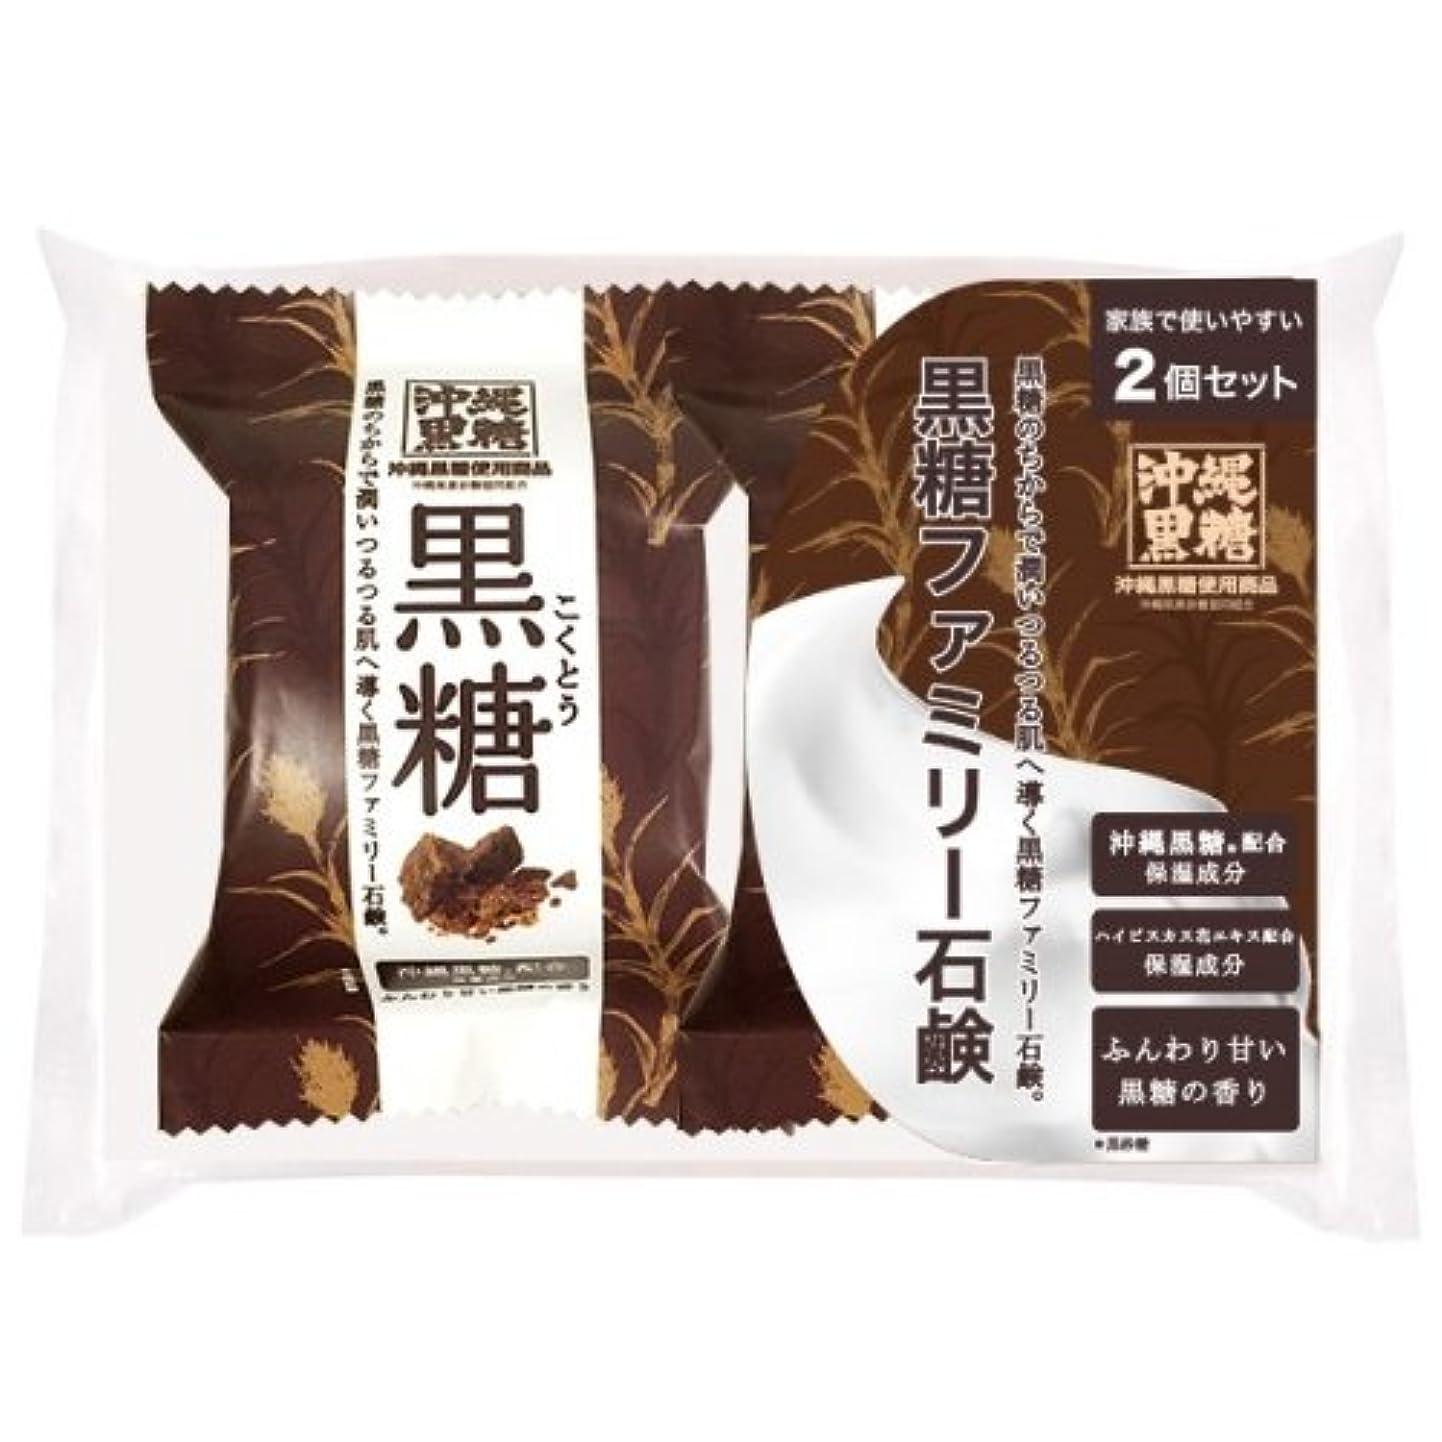 開業医驚正統派ペリカン石鹸 ファミリー黒糖石鹸 80g×2個